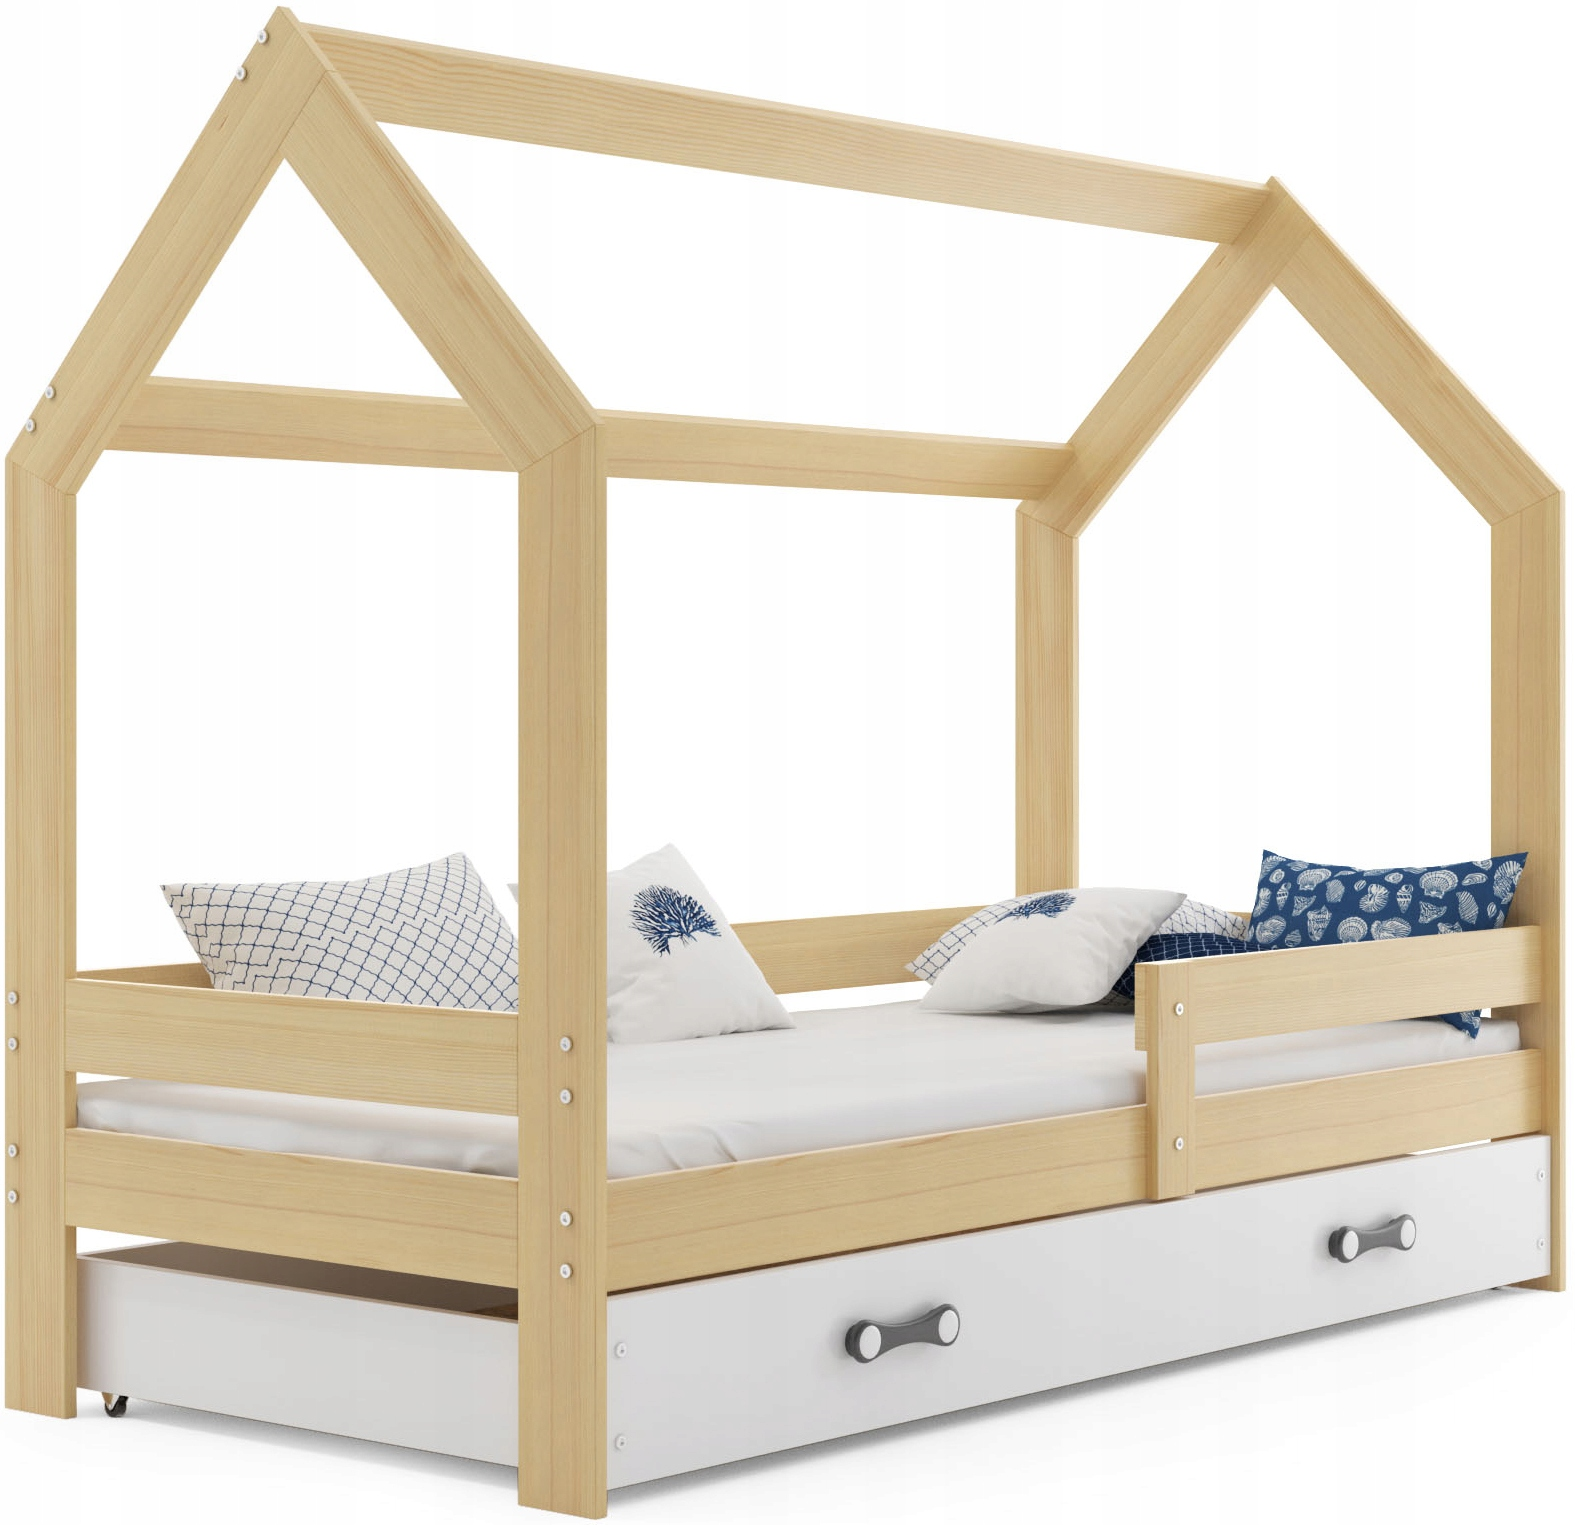 Łóżko Domek dziecięce materac stelaż od INTERBEDS